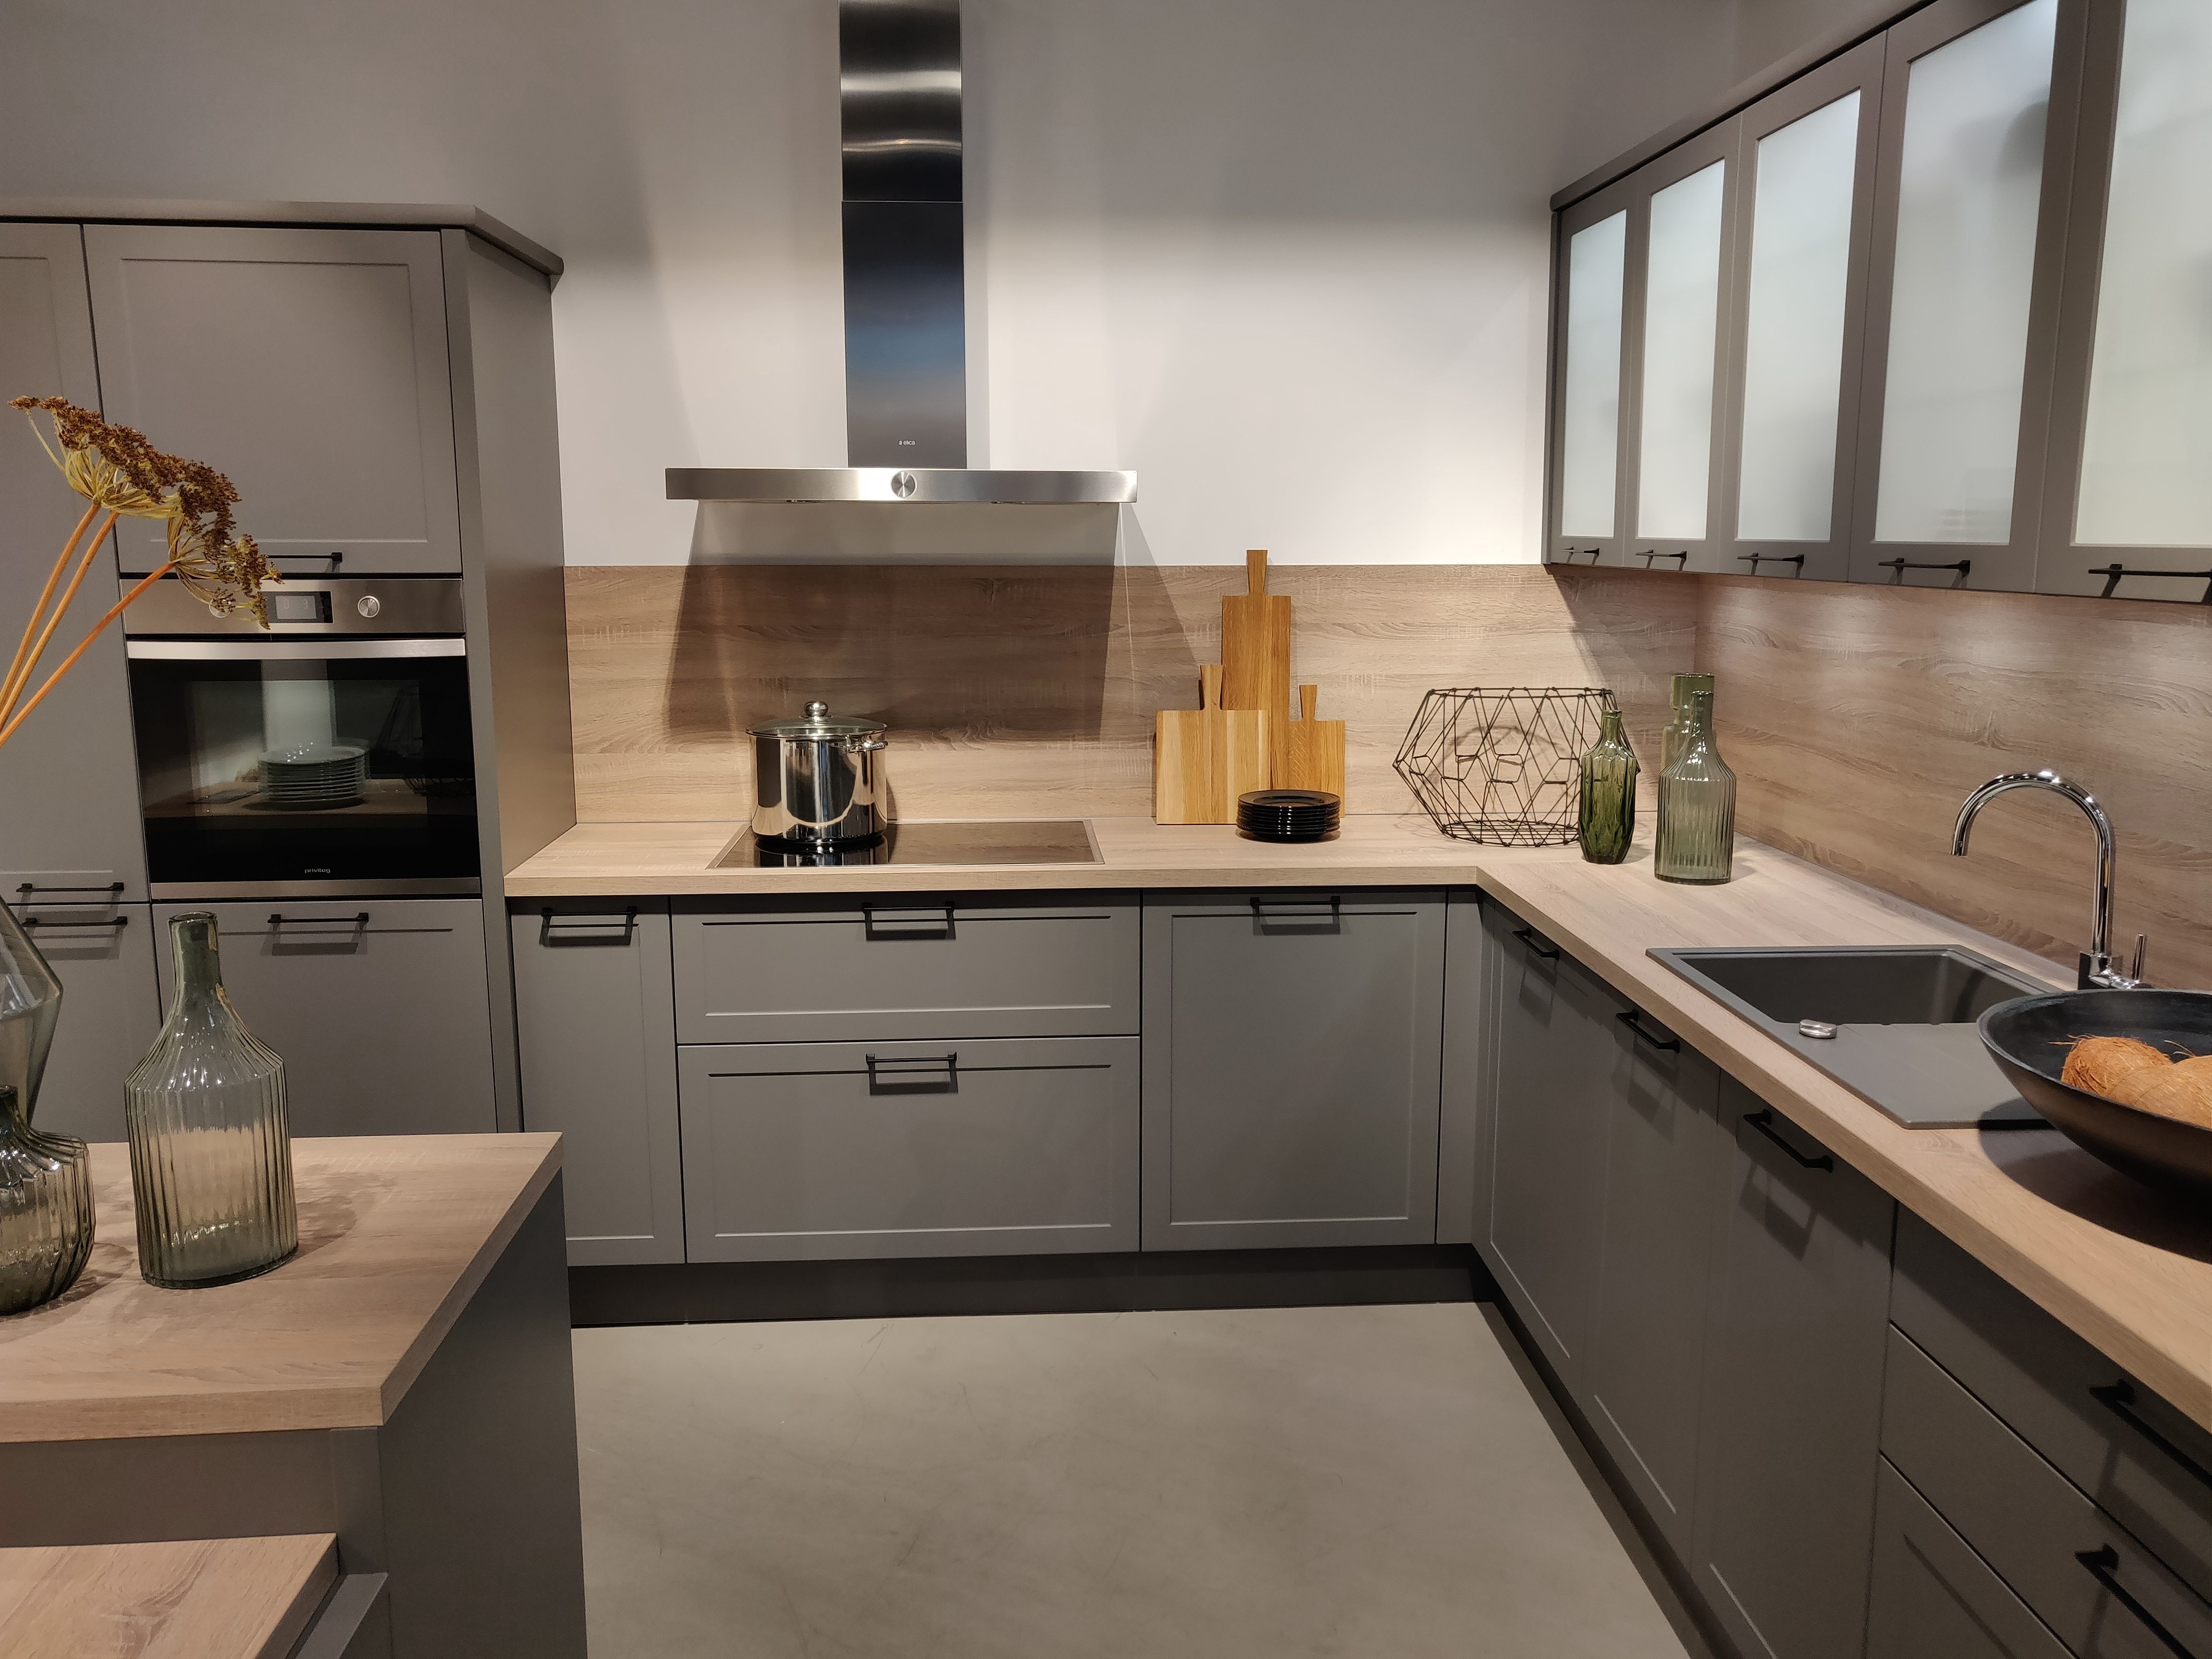 Mischung aus Landhaus und Moderne in grau von Express Küchen